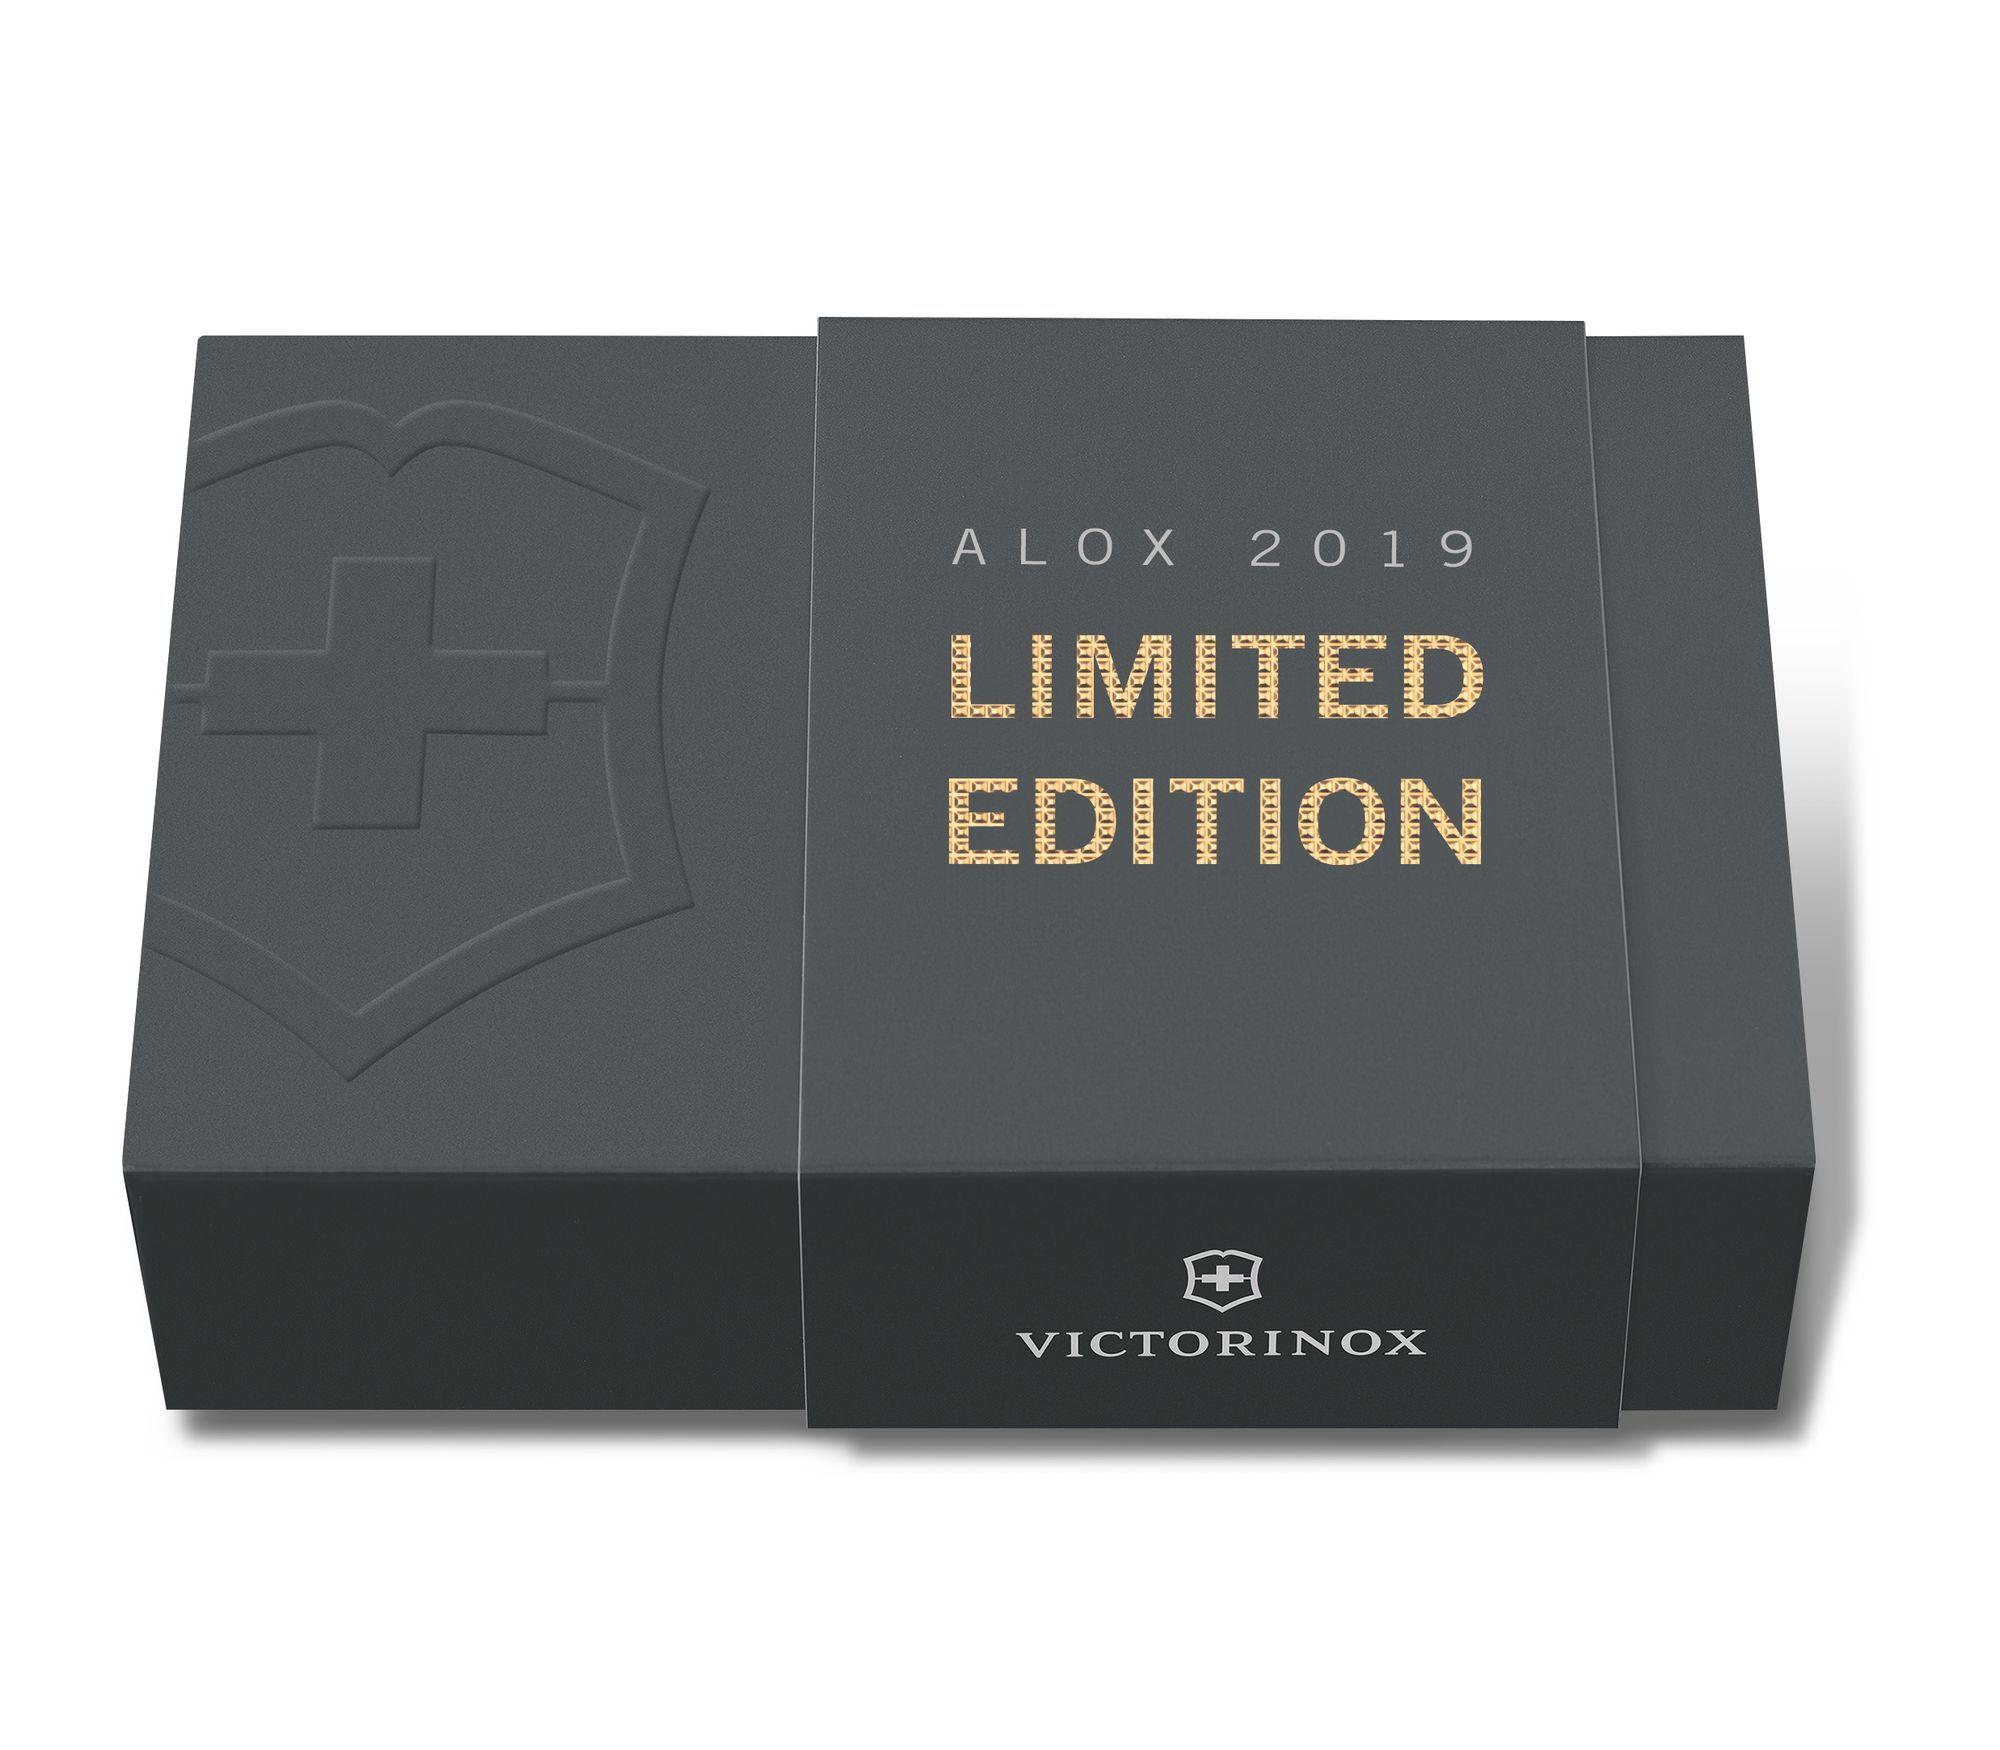 Складной нож Victorinox Cadet Alox Champagne-Gold Limited Edition 2019 (0.2601.L19) лимитированное издание, подарочная упаковка - Wenger-Victorinox.Ru